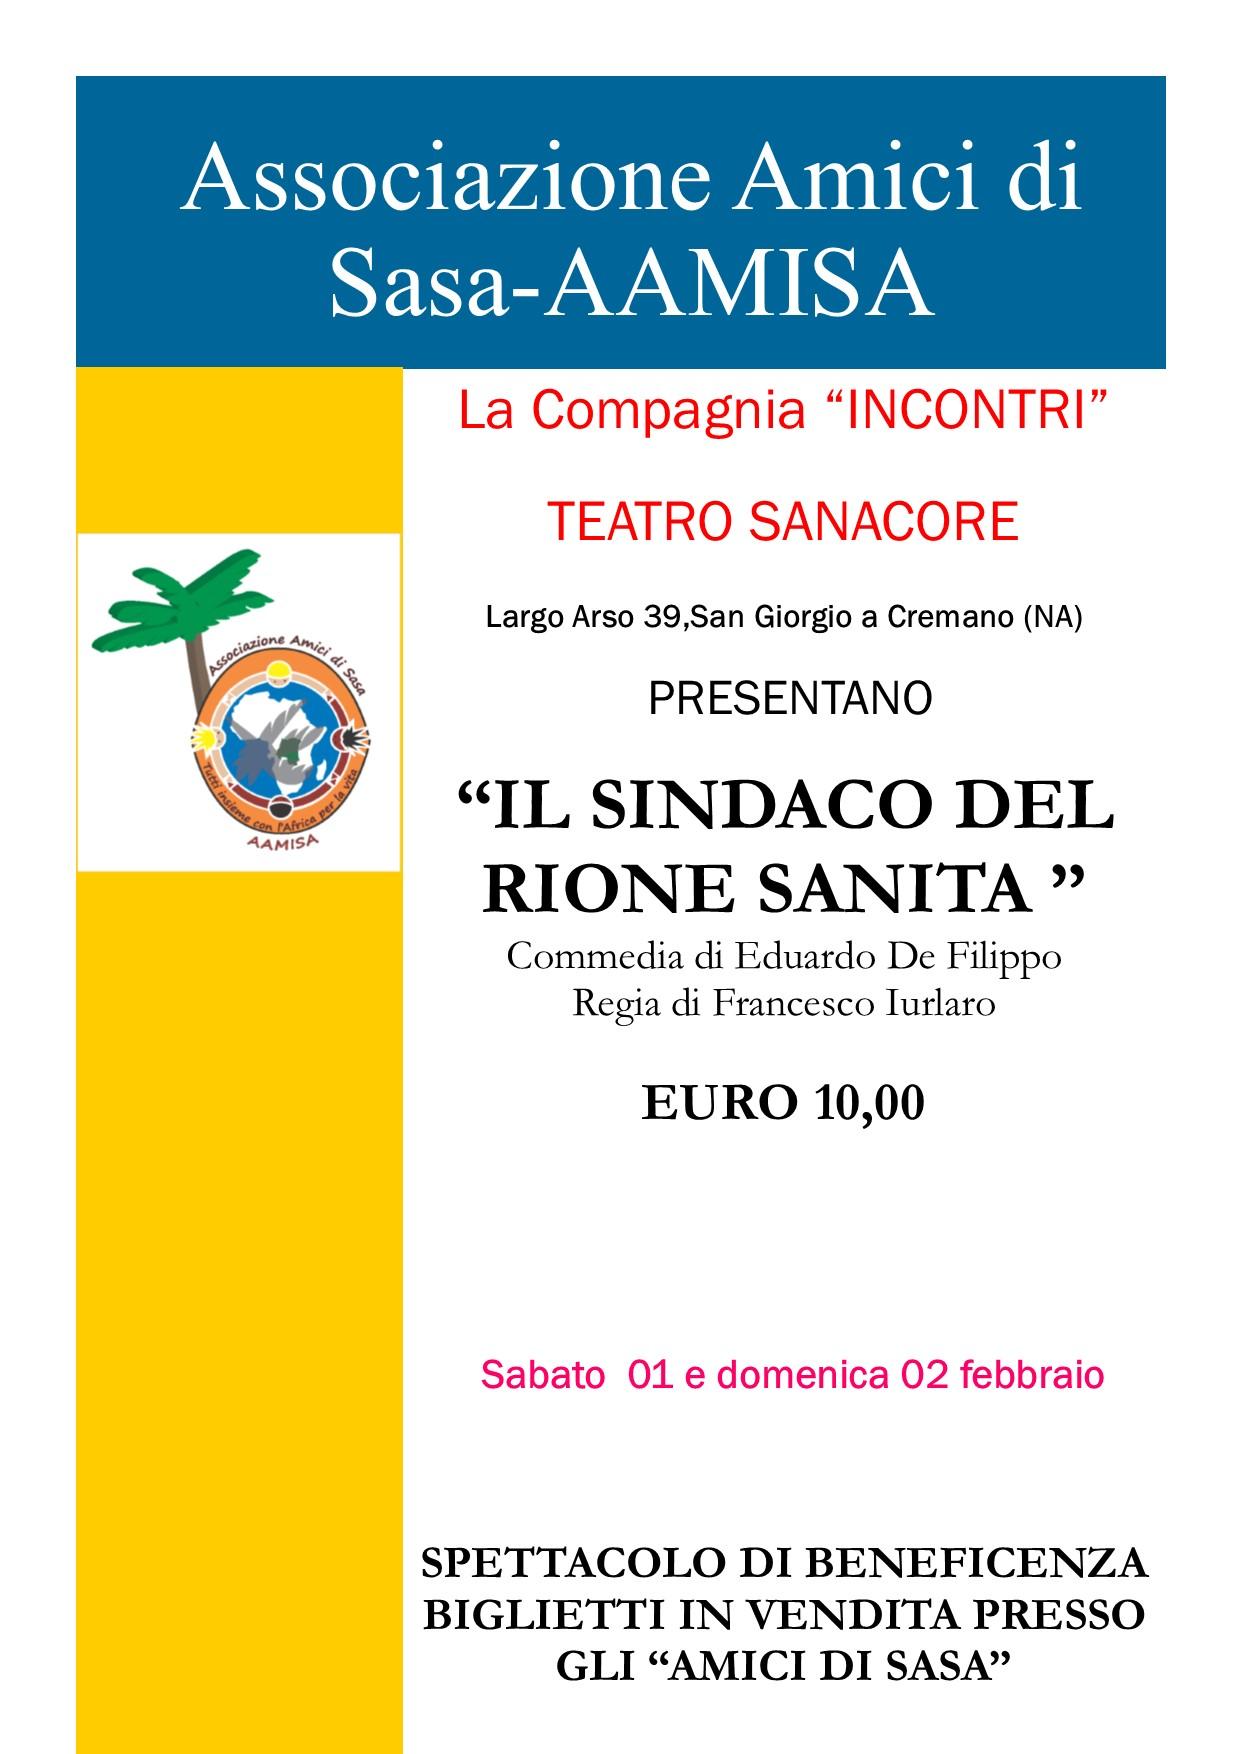 Locandina Teatro Sanacore